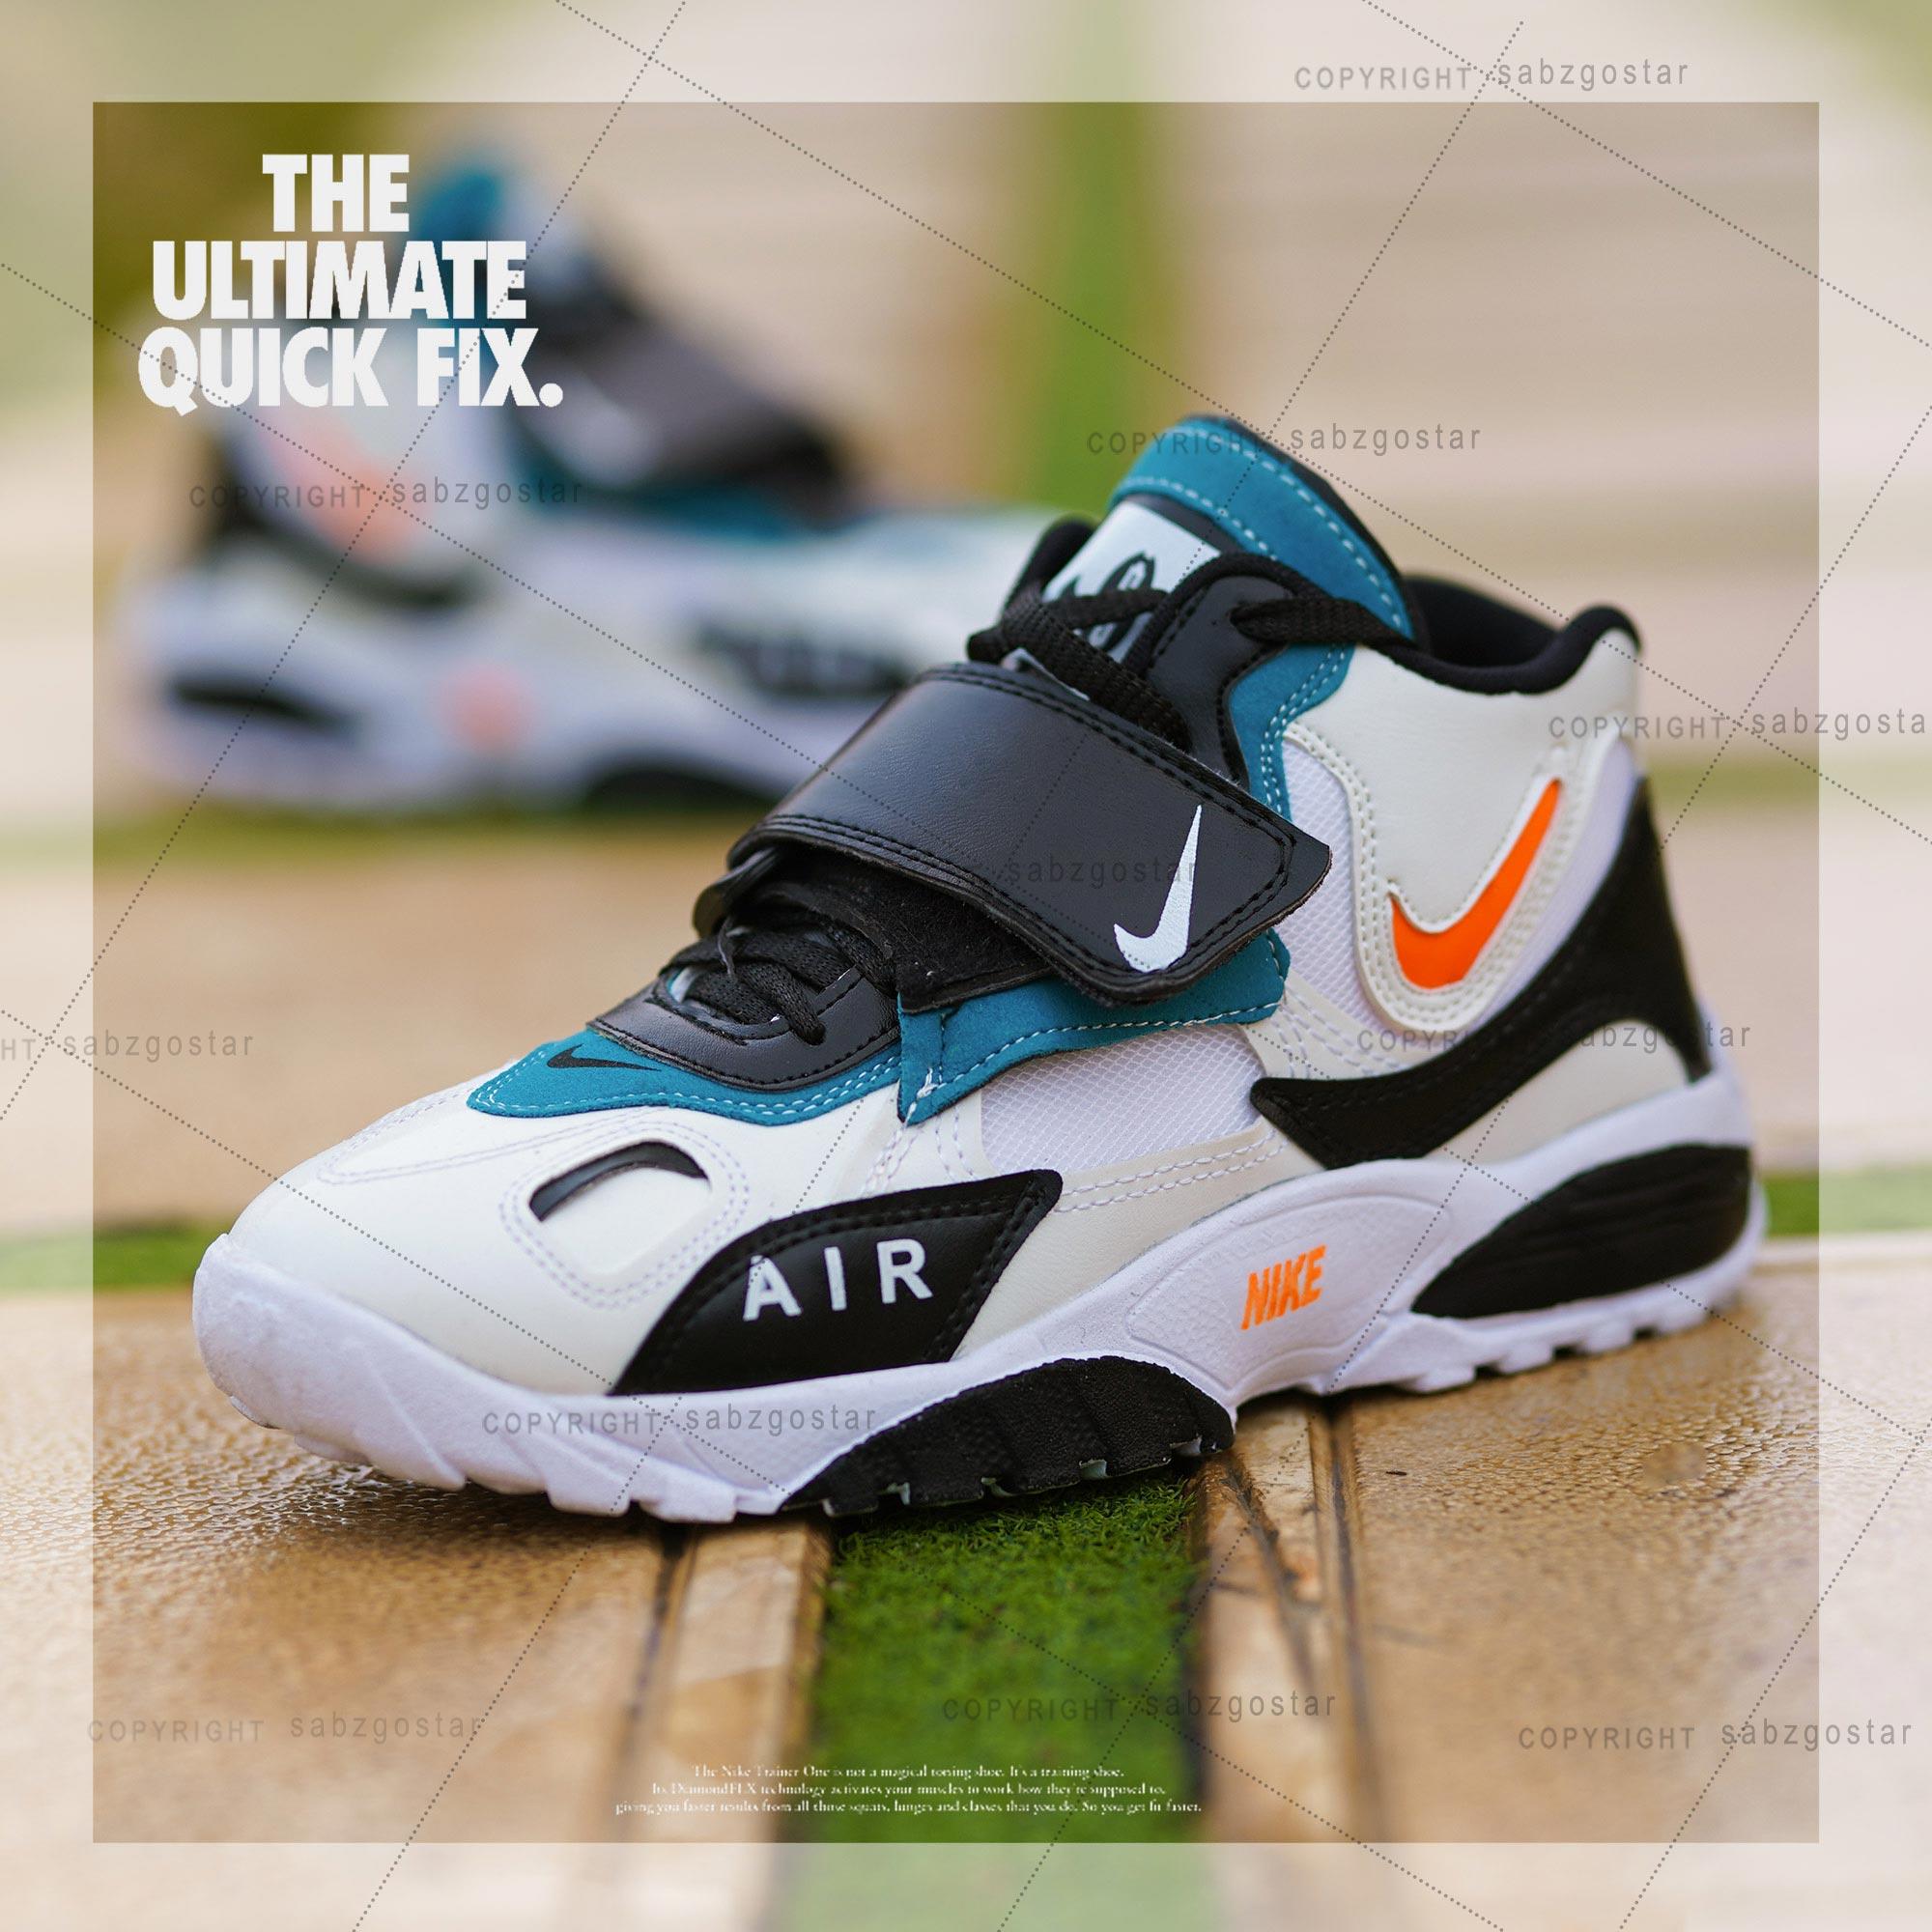 کفش مردانه Nike مدل Air چسبی